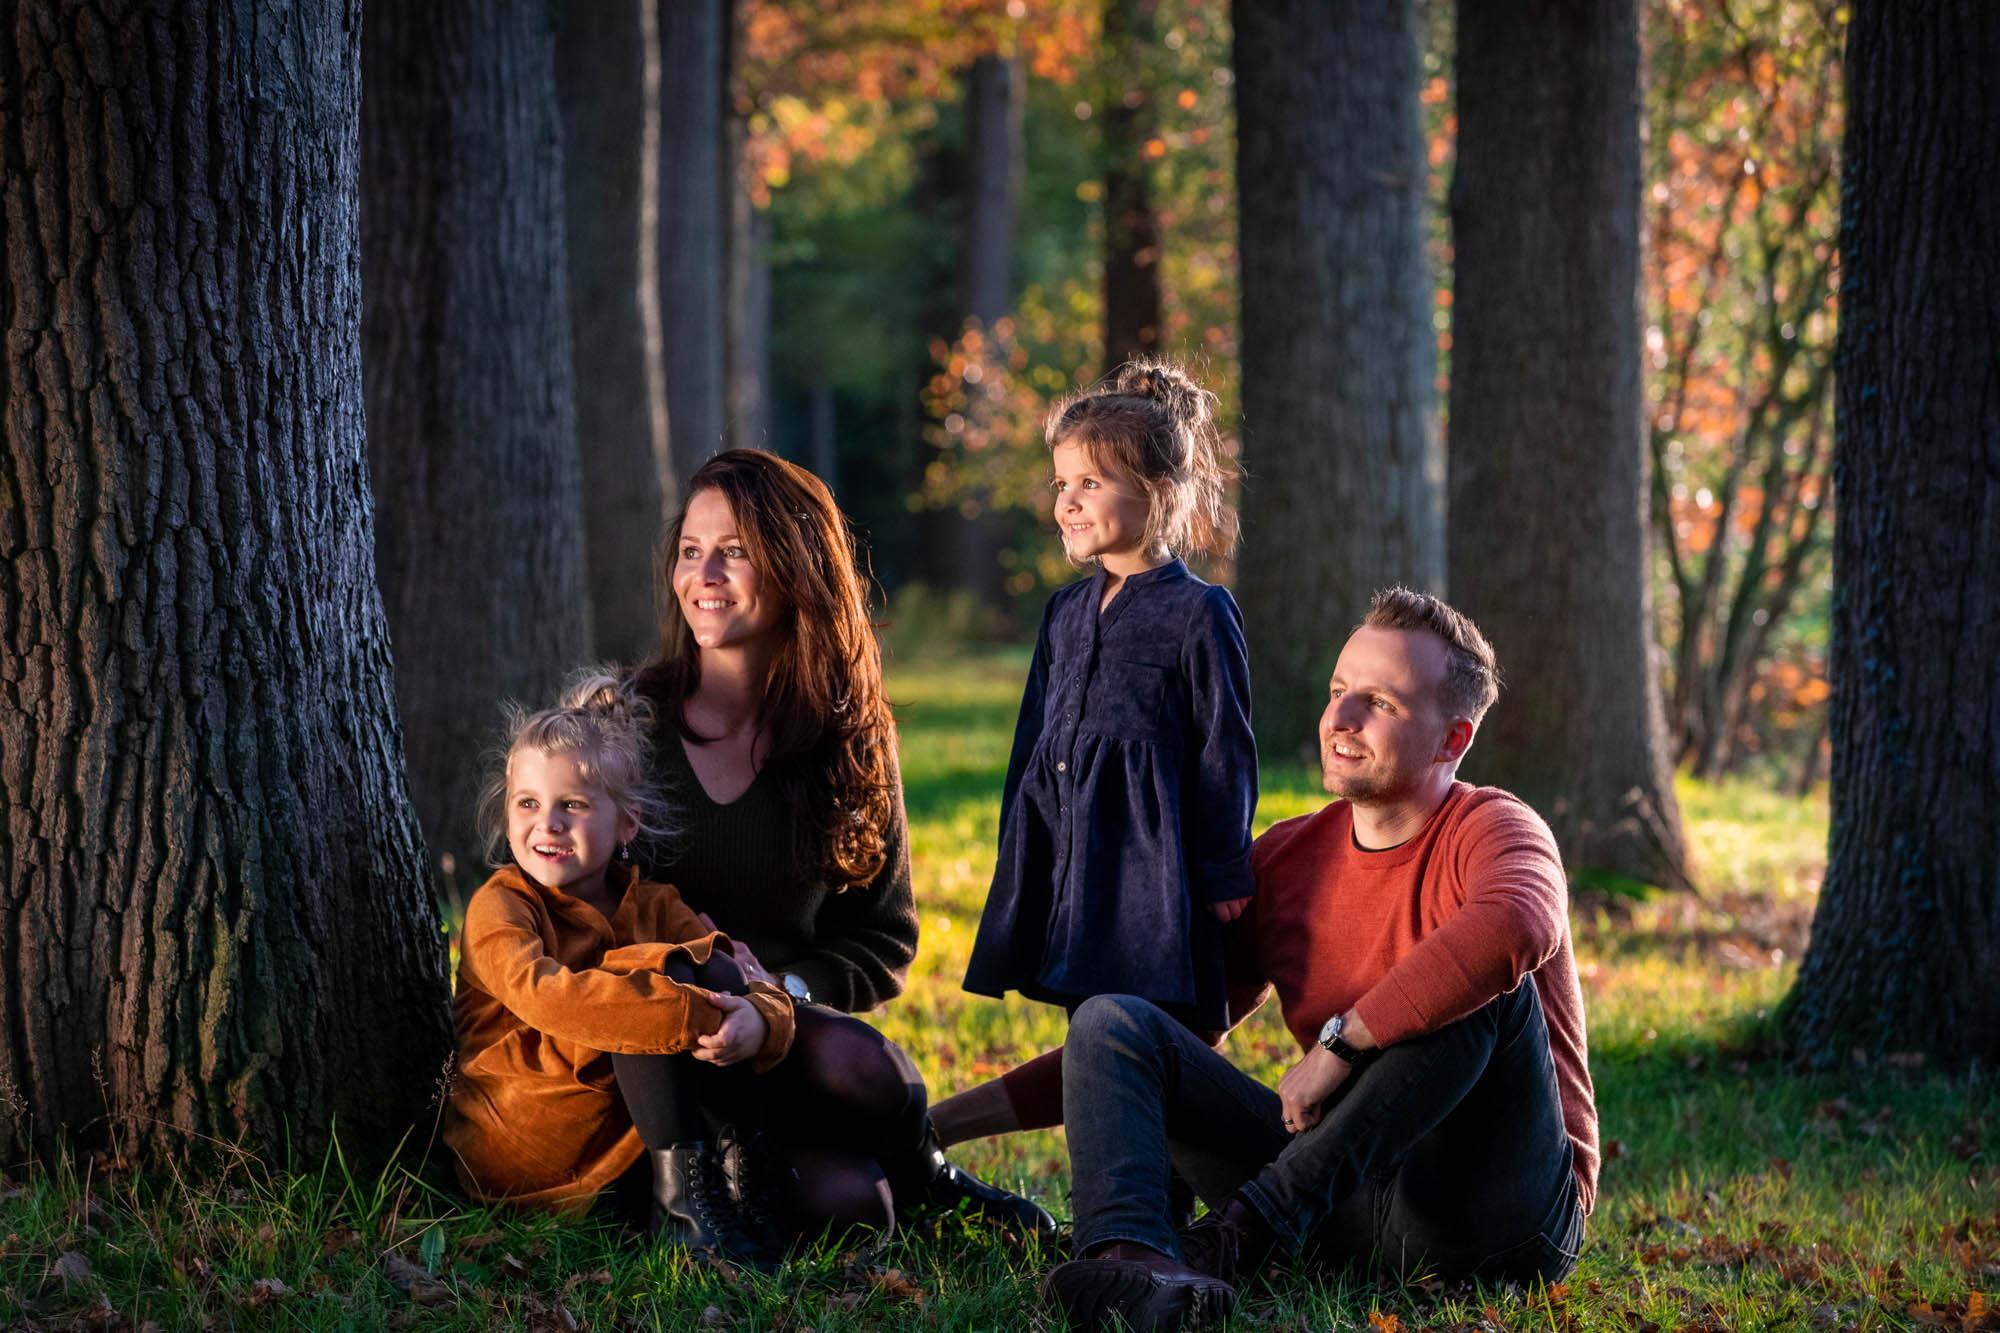 Herfst fotoshoot in de natuur met herfstkleuren.